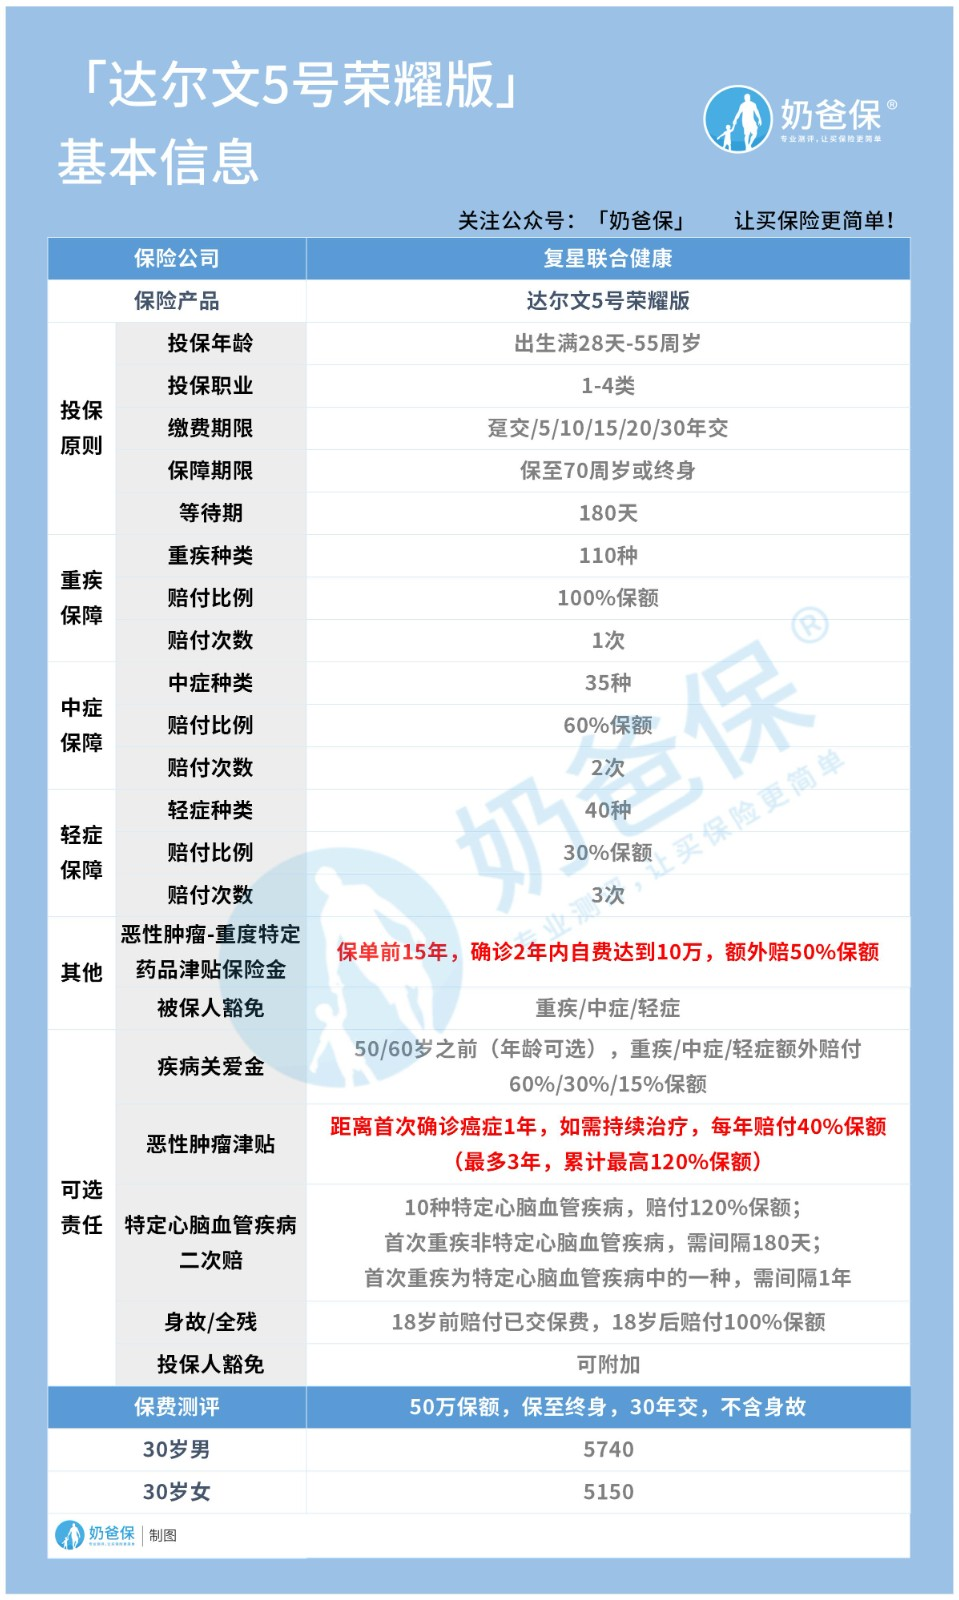 复联达尔文5号荣耀版保险内容表